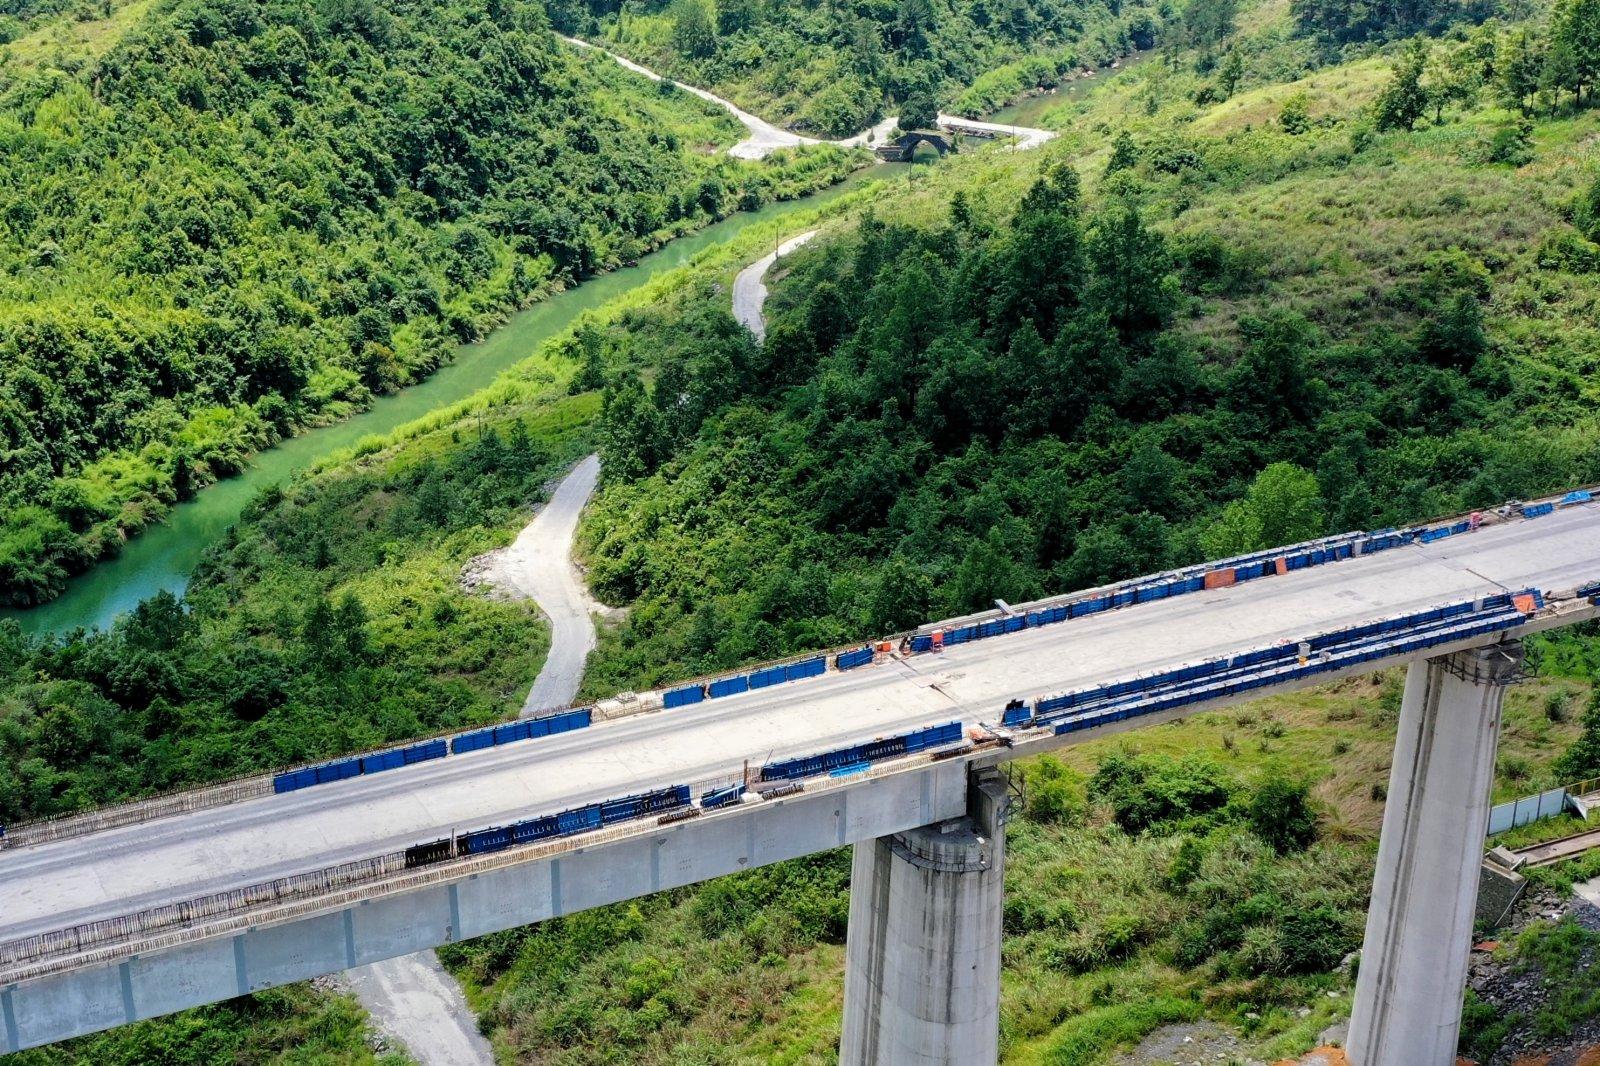 6月7日拍攝的銀坡河特大橋和蒙家橋(無人機照片)。(新華社)